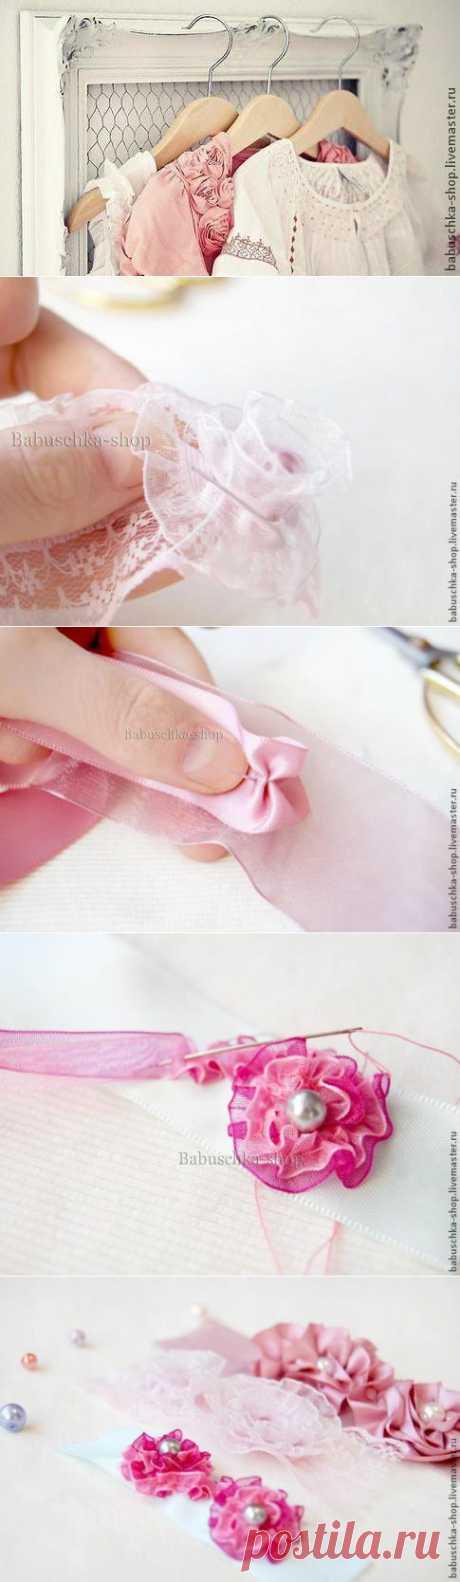 Создаем ленты с объемными цветами в стиле шебби-шик - Ярмарка Мастеров - ручная работа, handmade